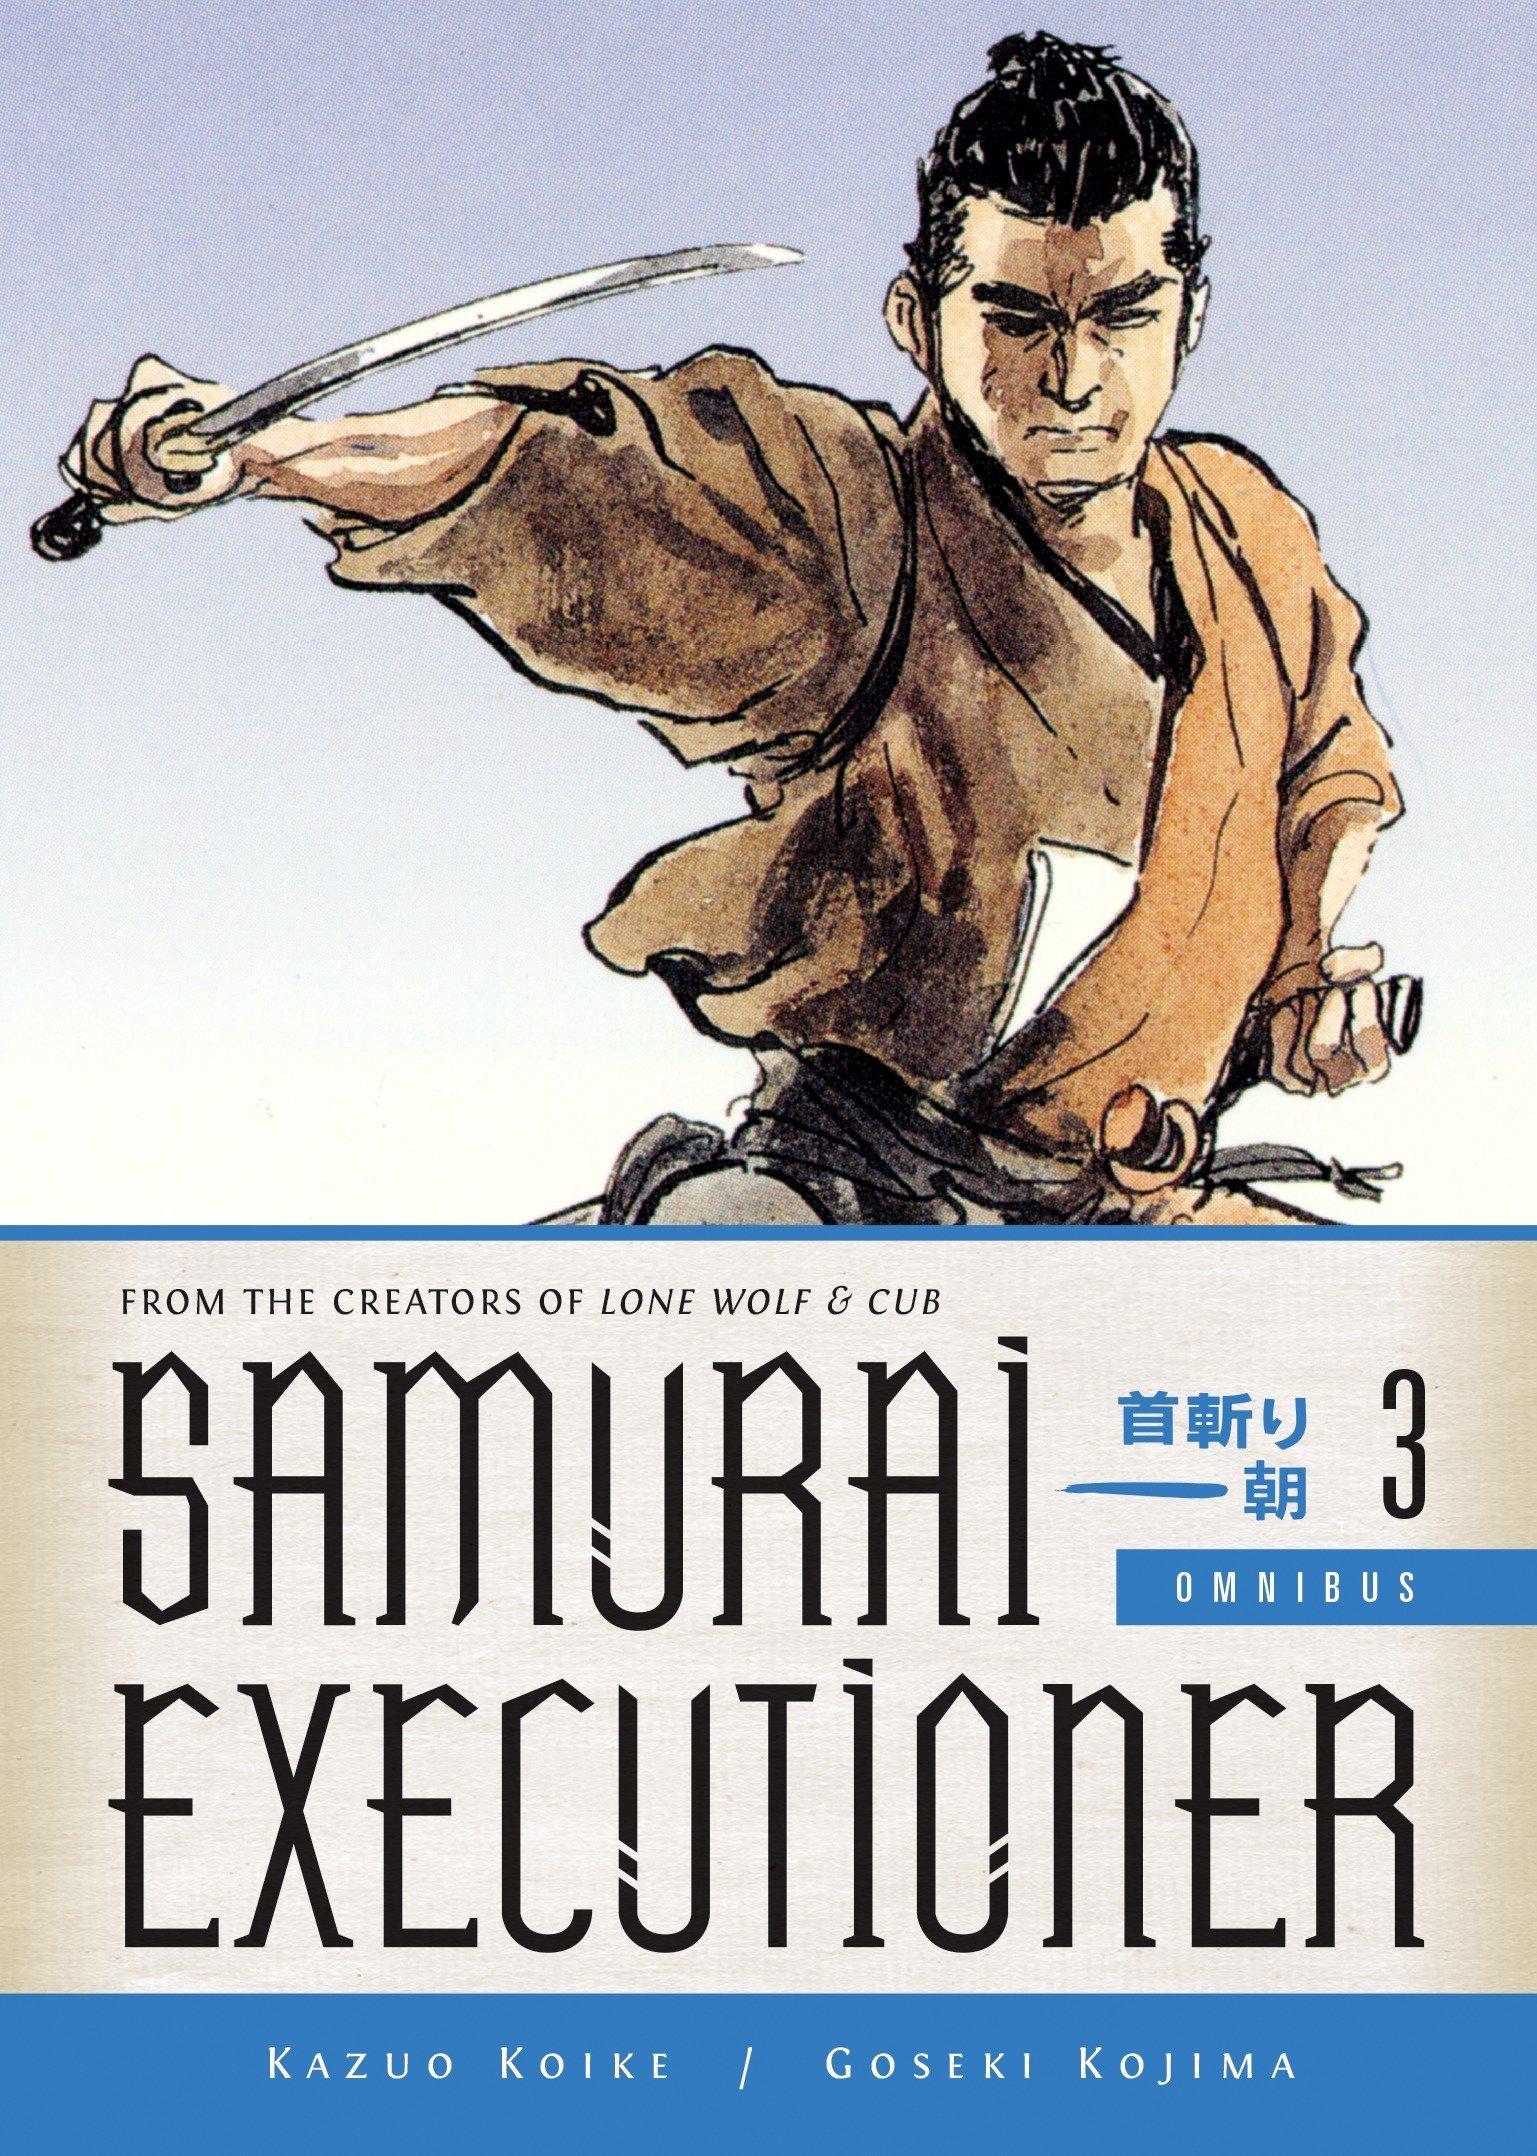 Samurai Executioner Omnibus Volume 3 ebook